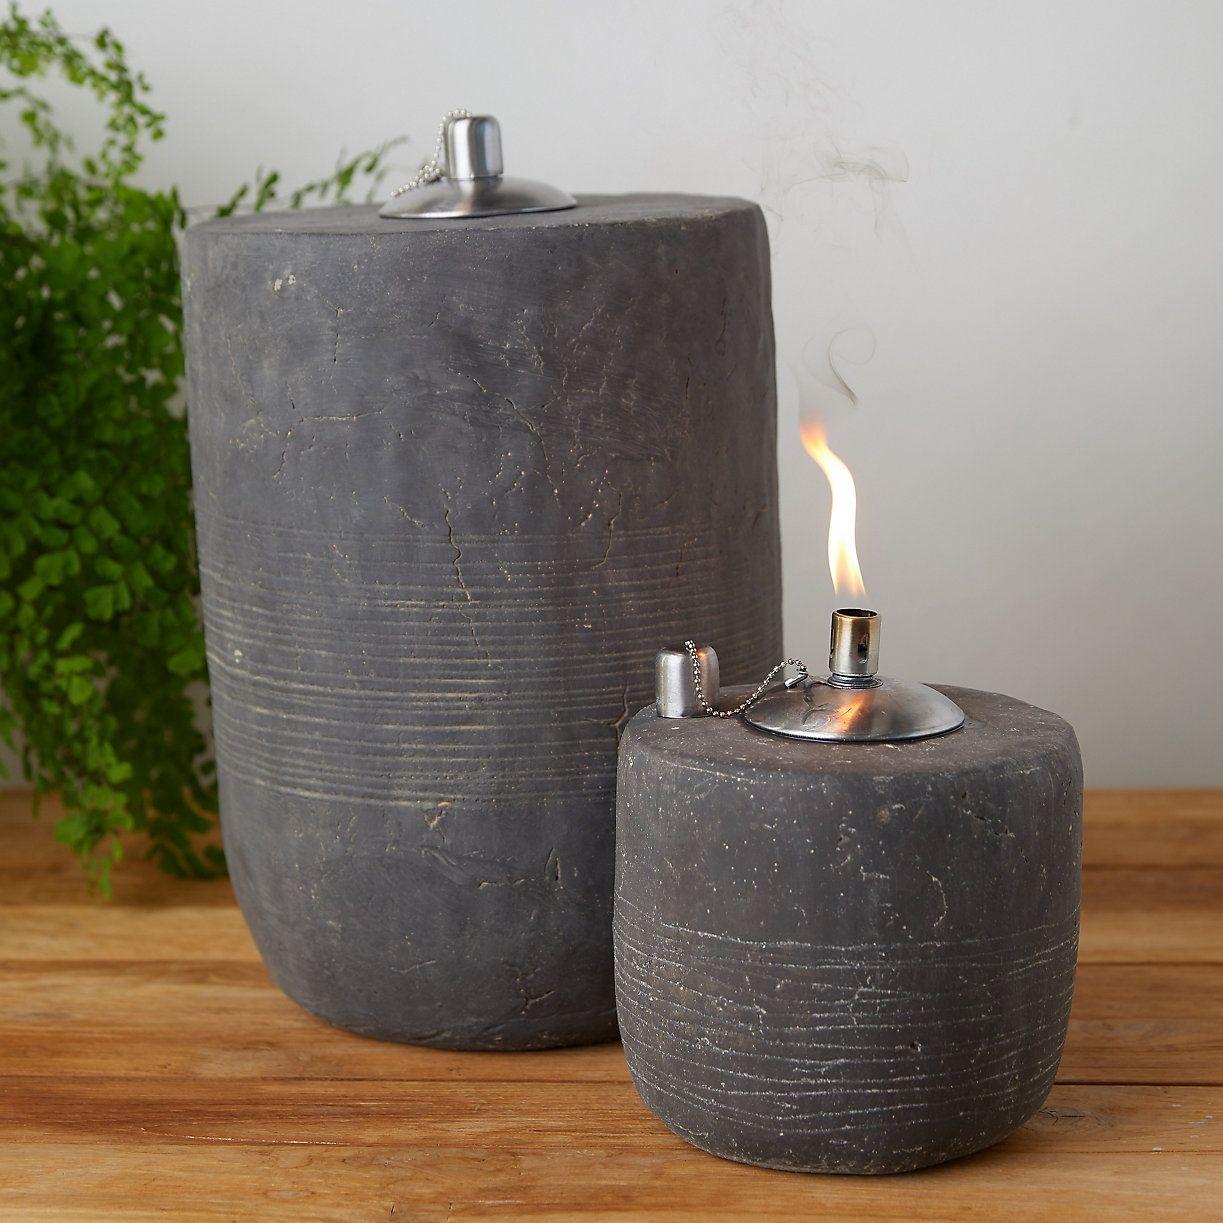 Fiber Concrete Oil Burner Oil burners, Citronella oil